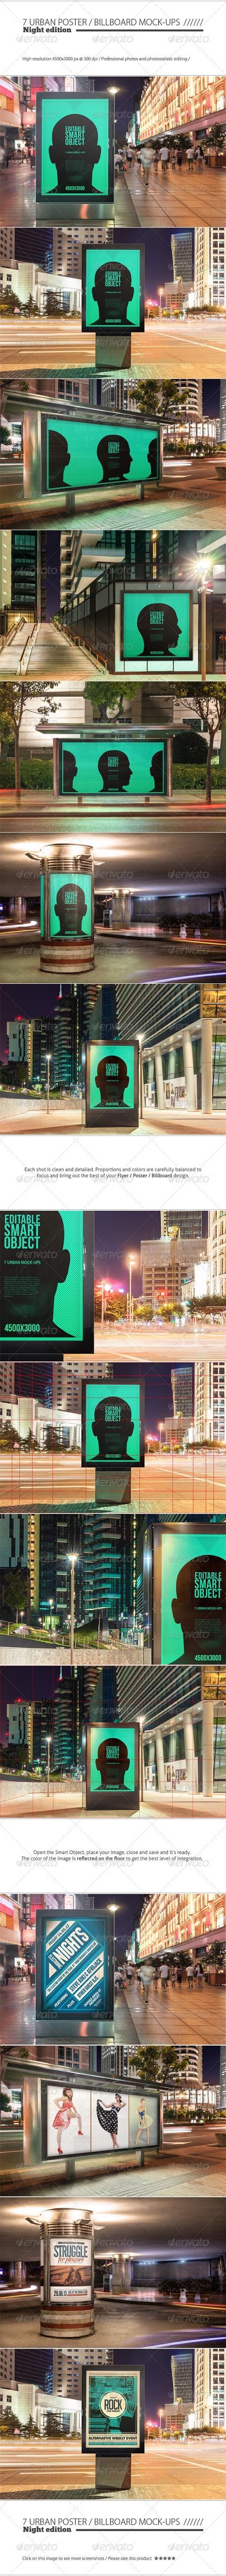 موکاپ تبلیغات شهری